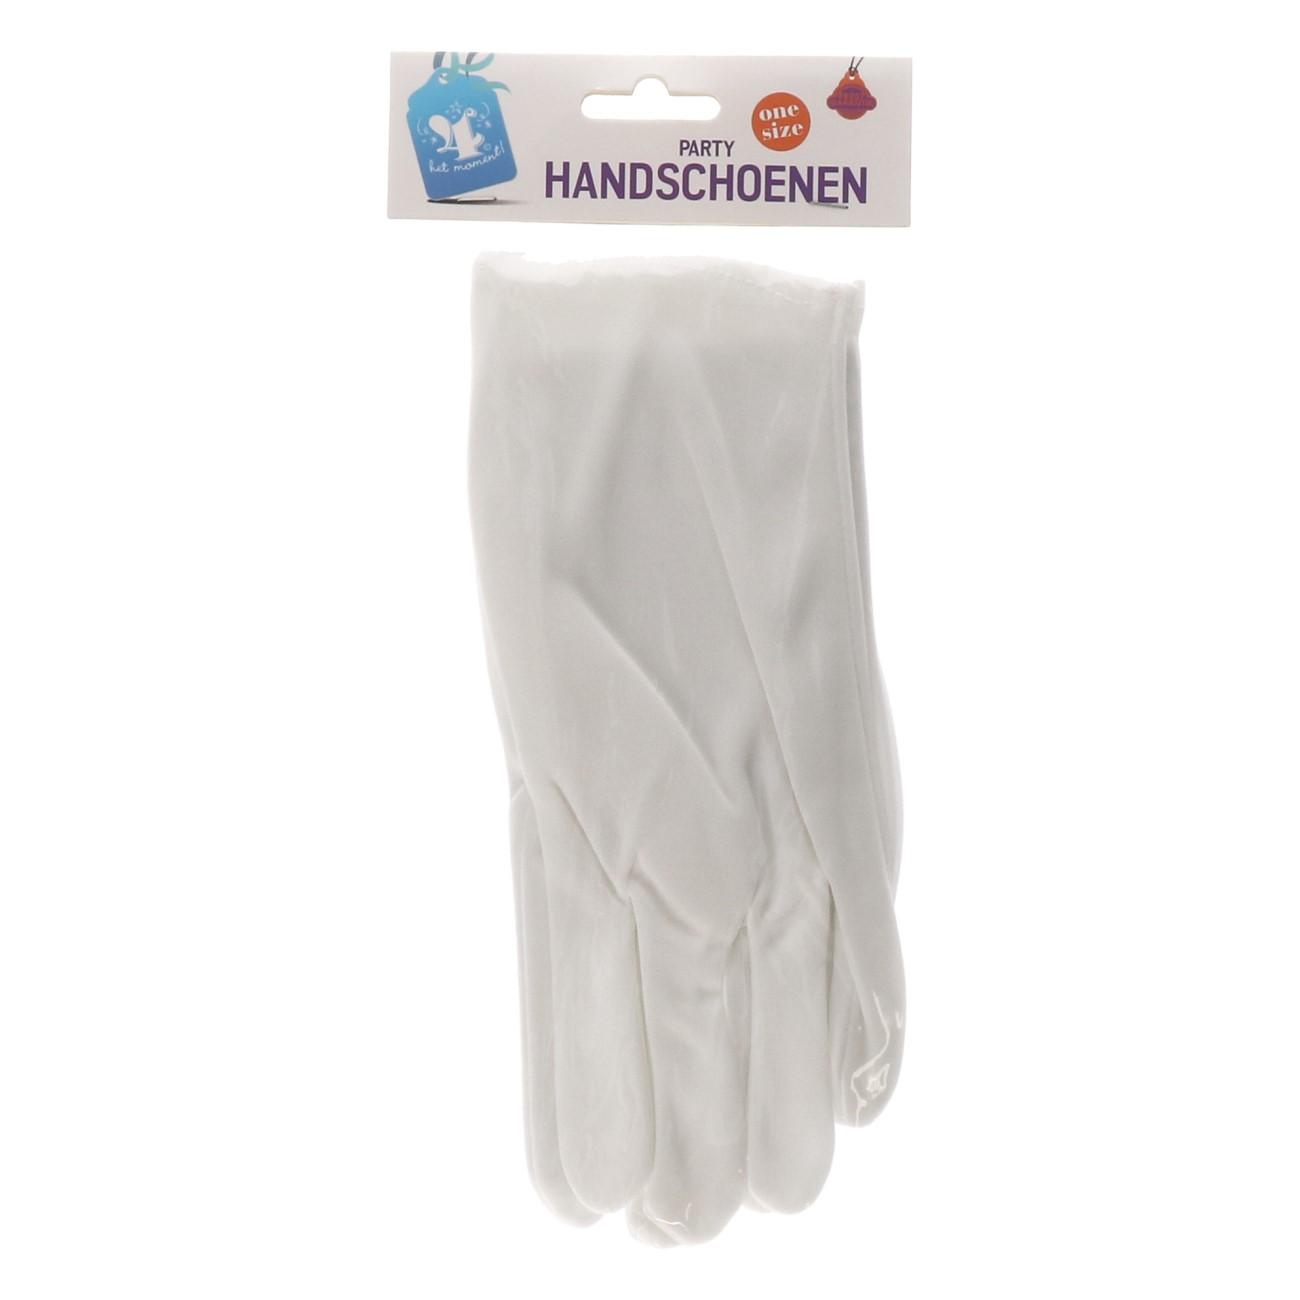 Handschoenen Party wit